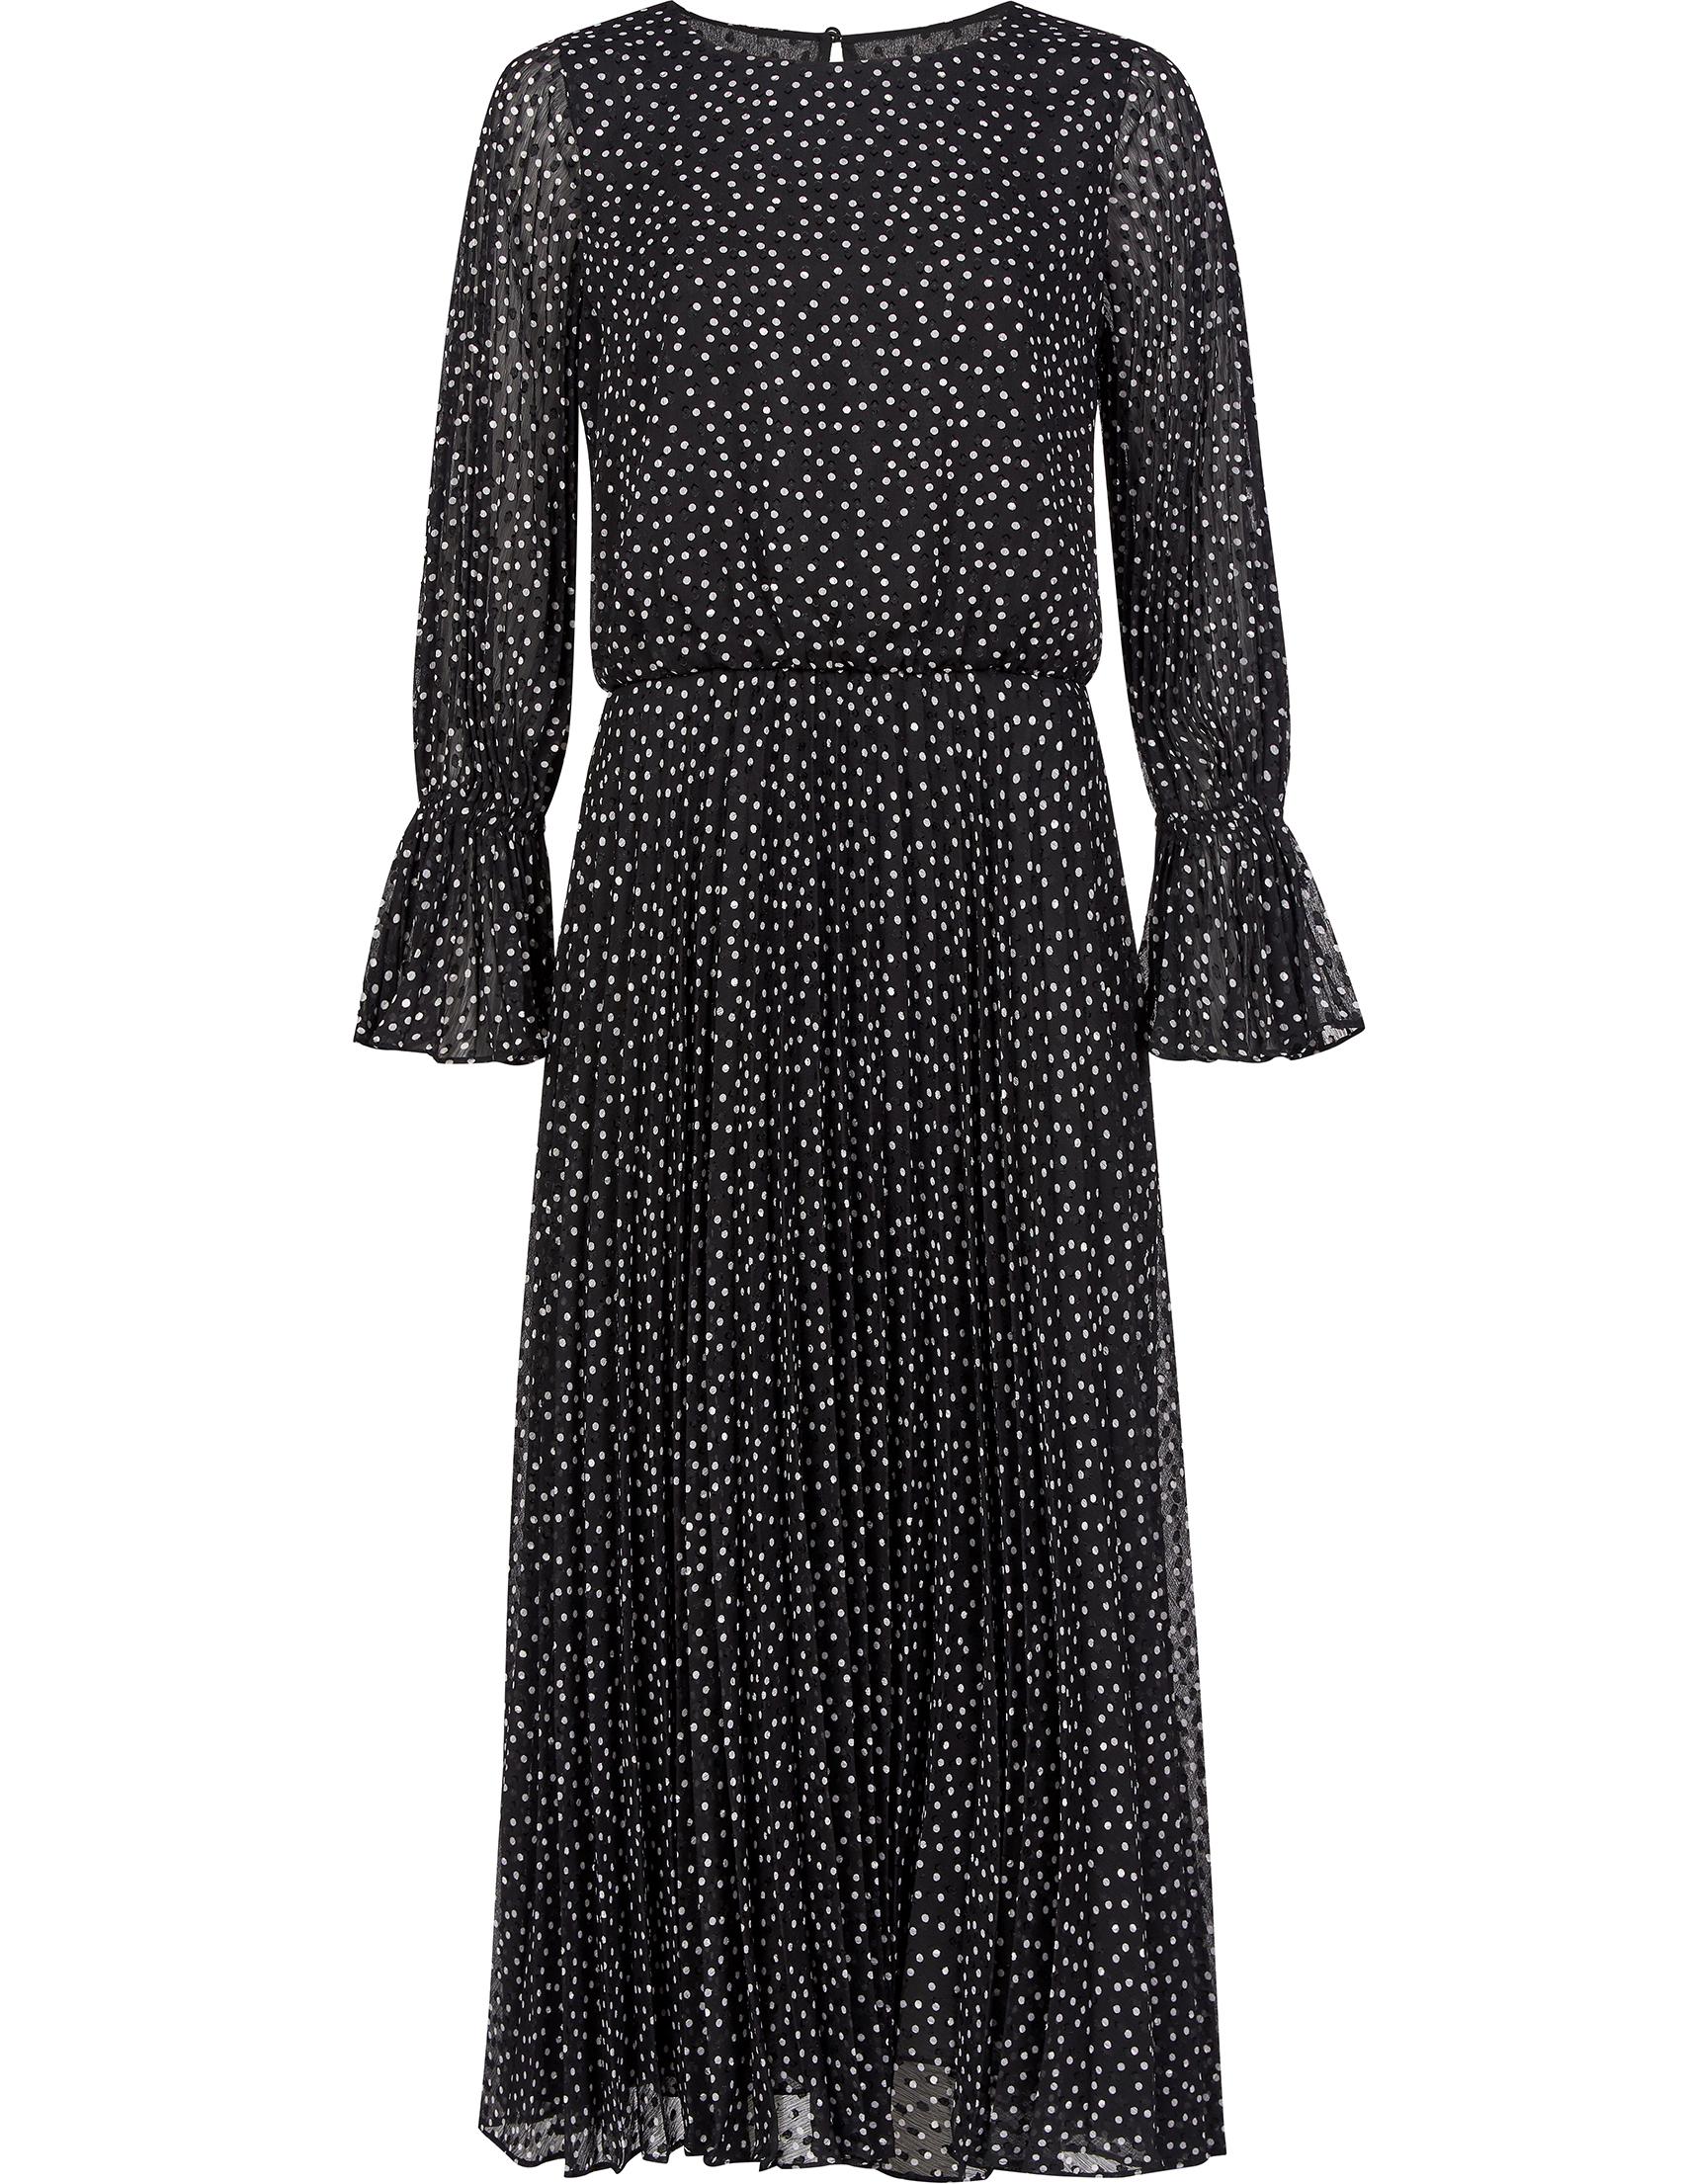 Купить Платья, Платье, EMPORIO ARMANI, Черный, 100%Полиэстер, Осень-Зима